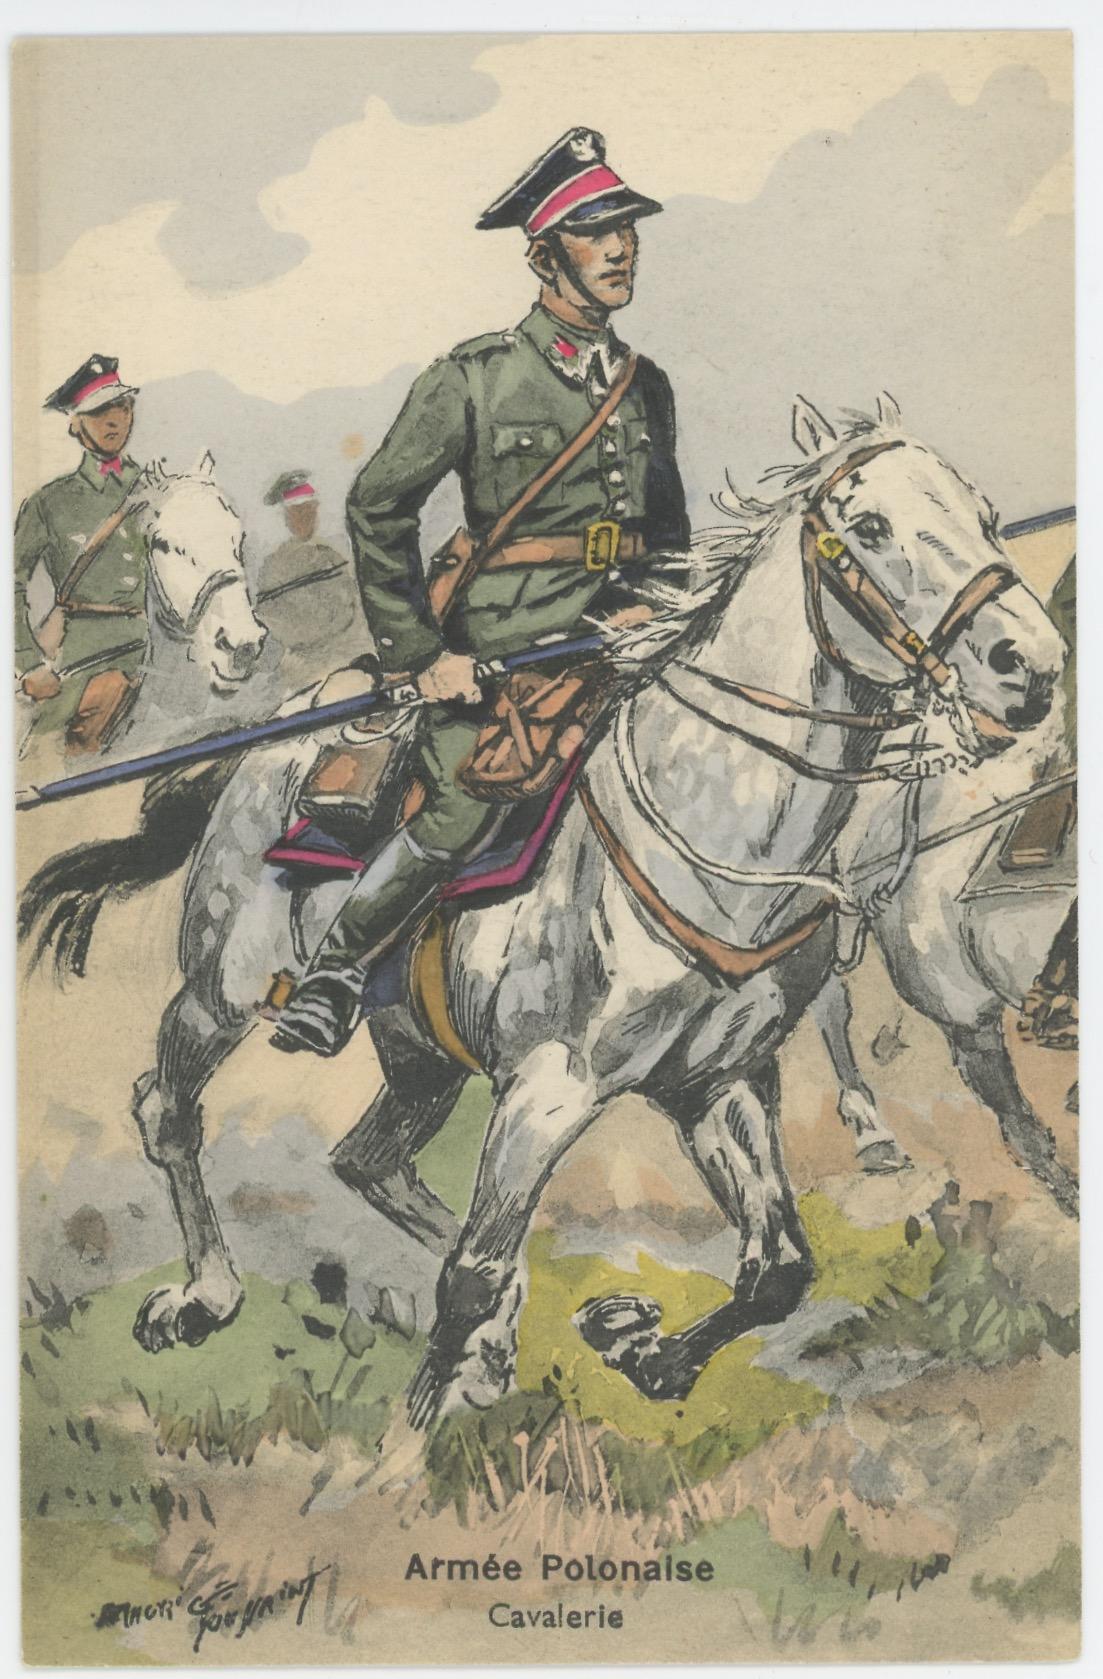 Carte Postale Illustrée - Maurice Toussaint - Edition Militaire Illustrées - Pologne - Cavalerie- 1939